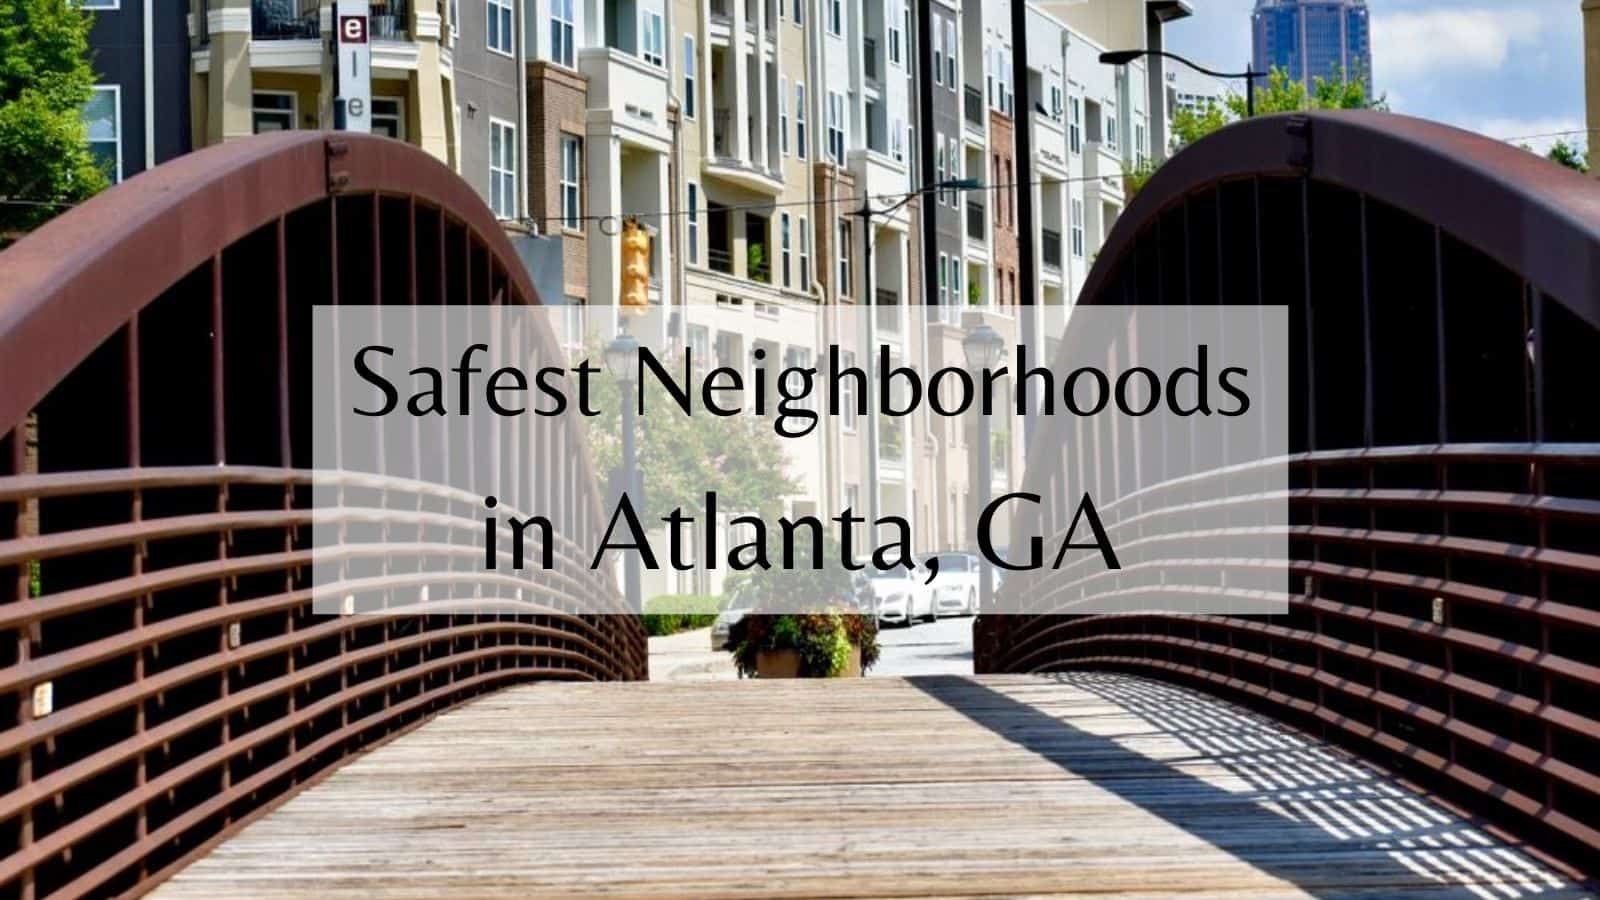 Safest Neighborhoods in Atlanta, GA